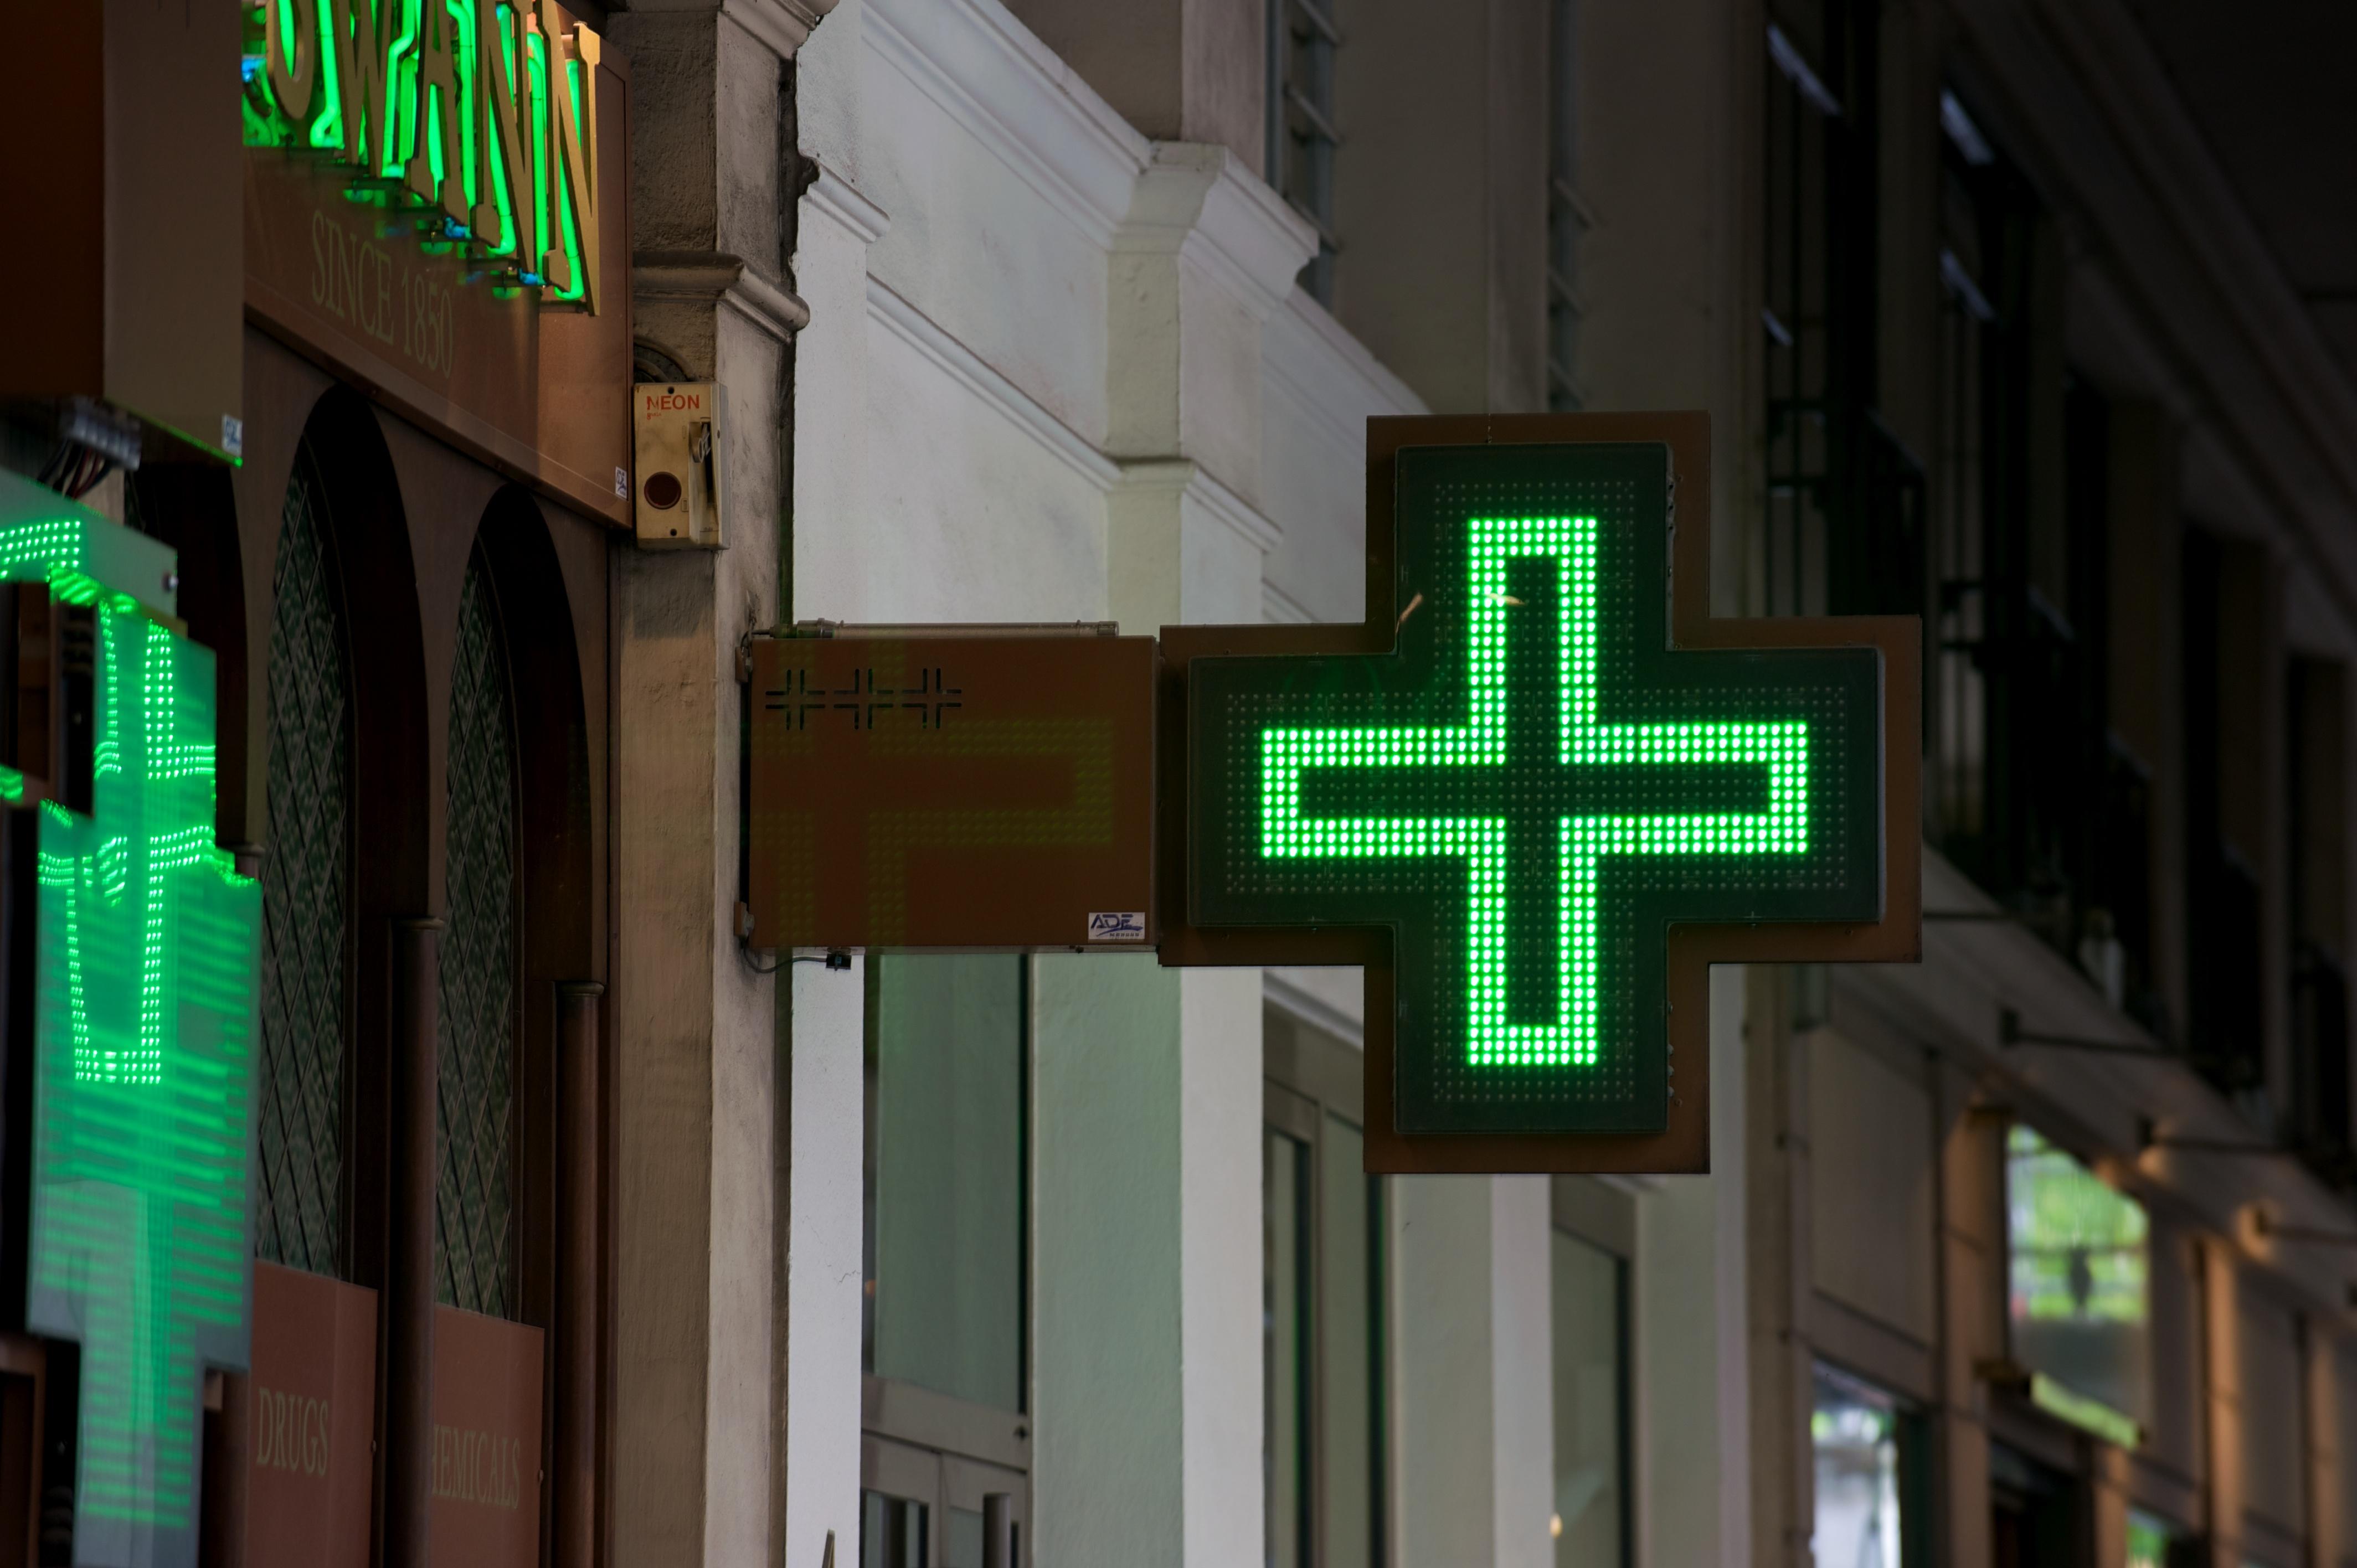 Pharmacies de garde choisy le roi - Pharmacie de garde forbach ...